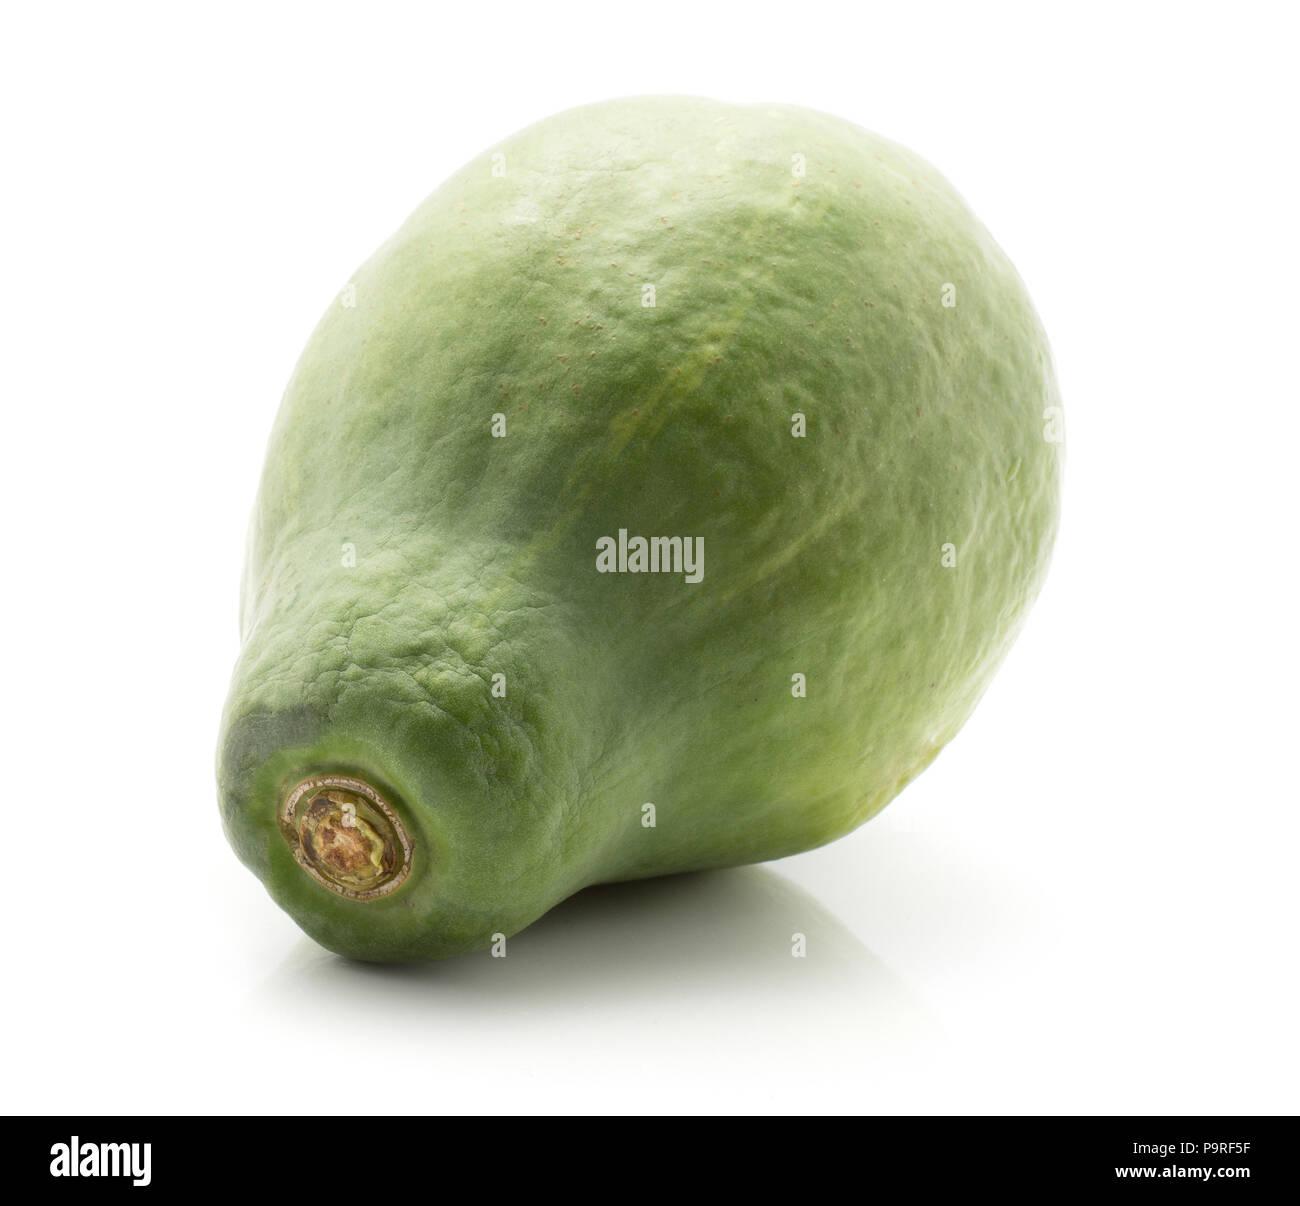 Une papaye verte (papaye, papaye) isolé sur fond blanc Banque D'Images